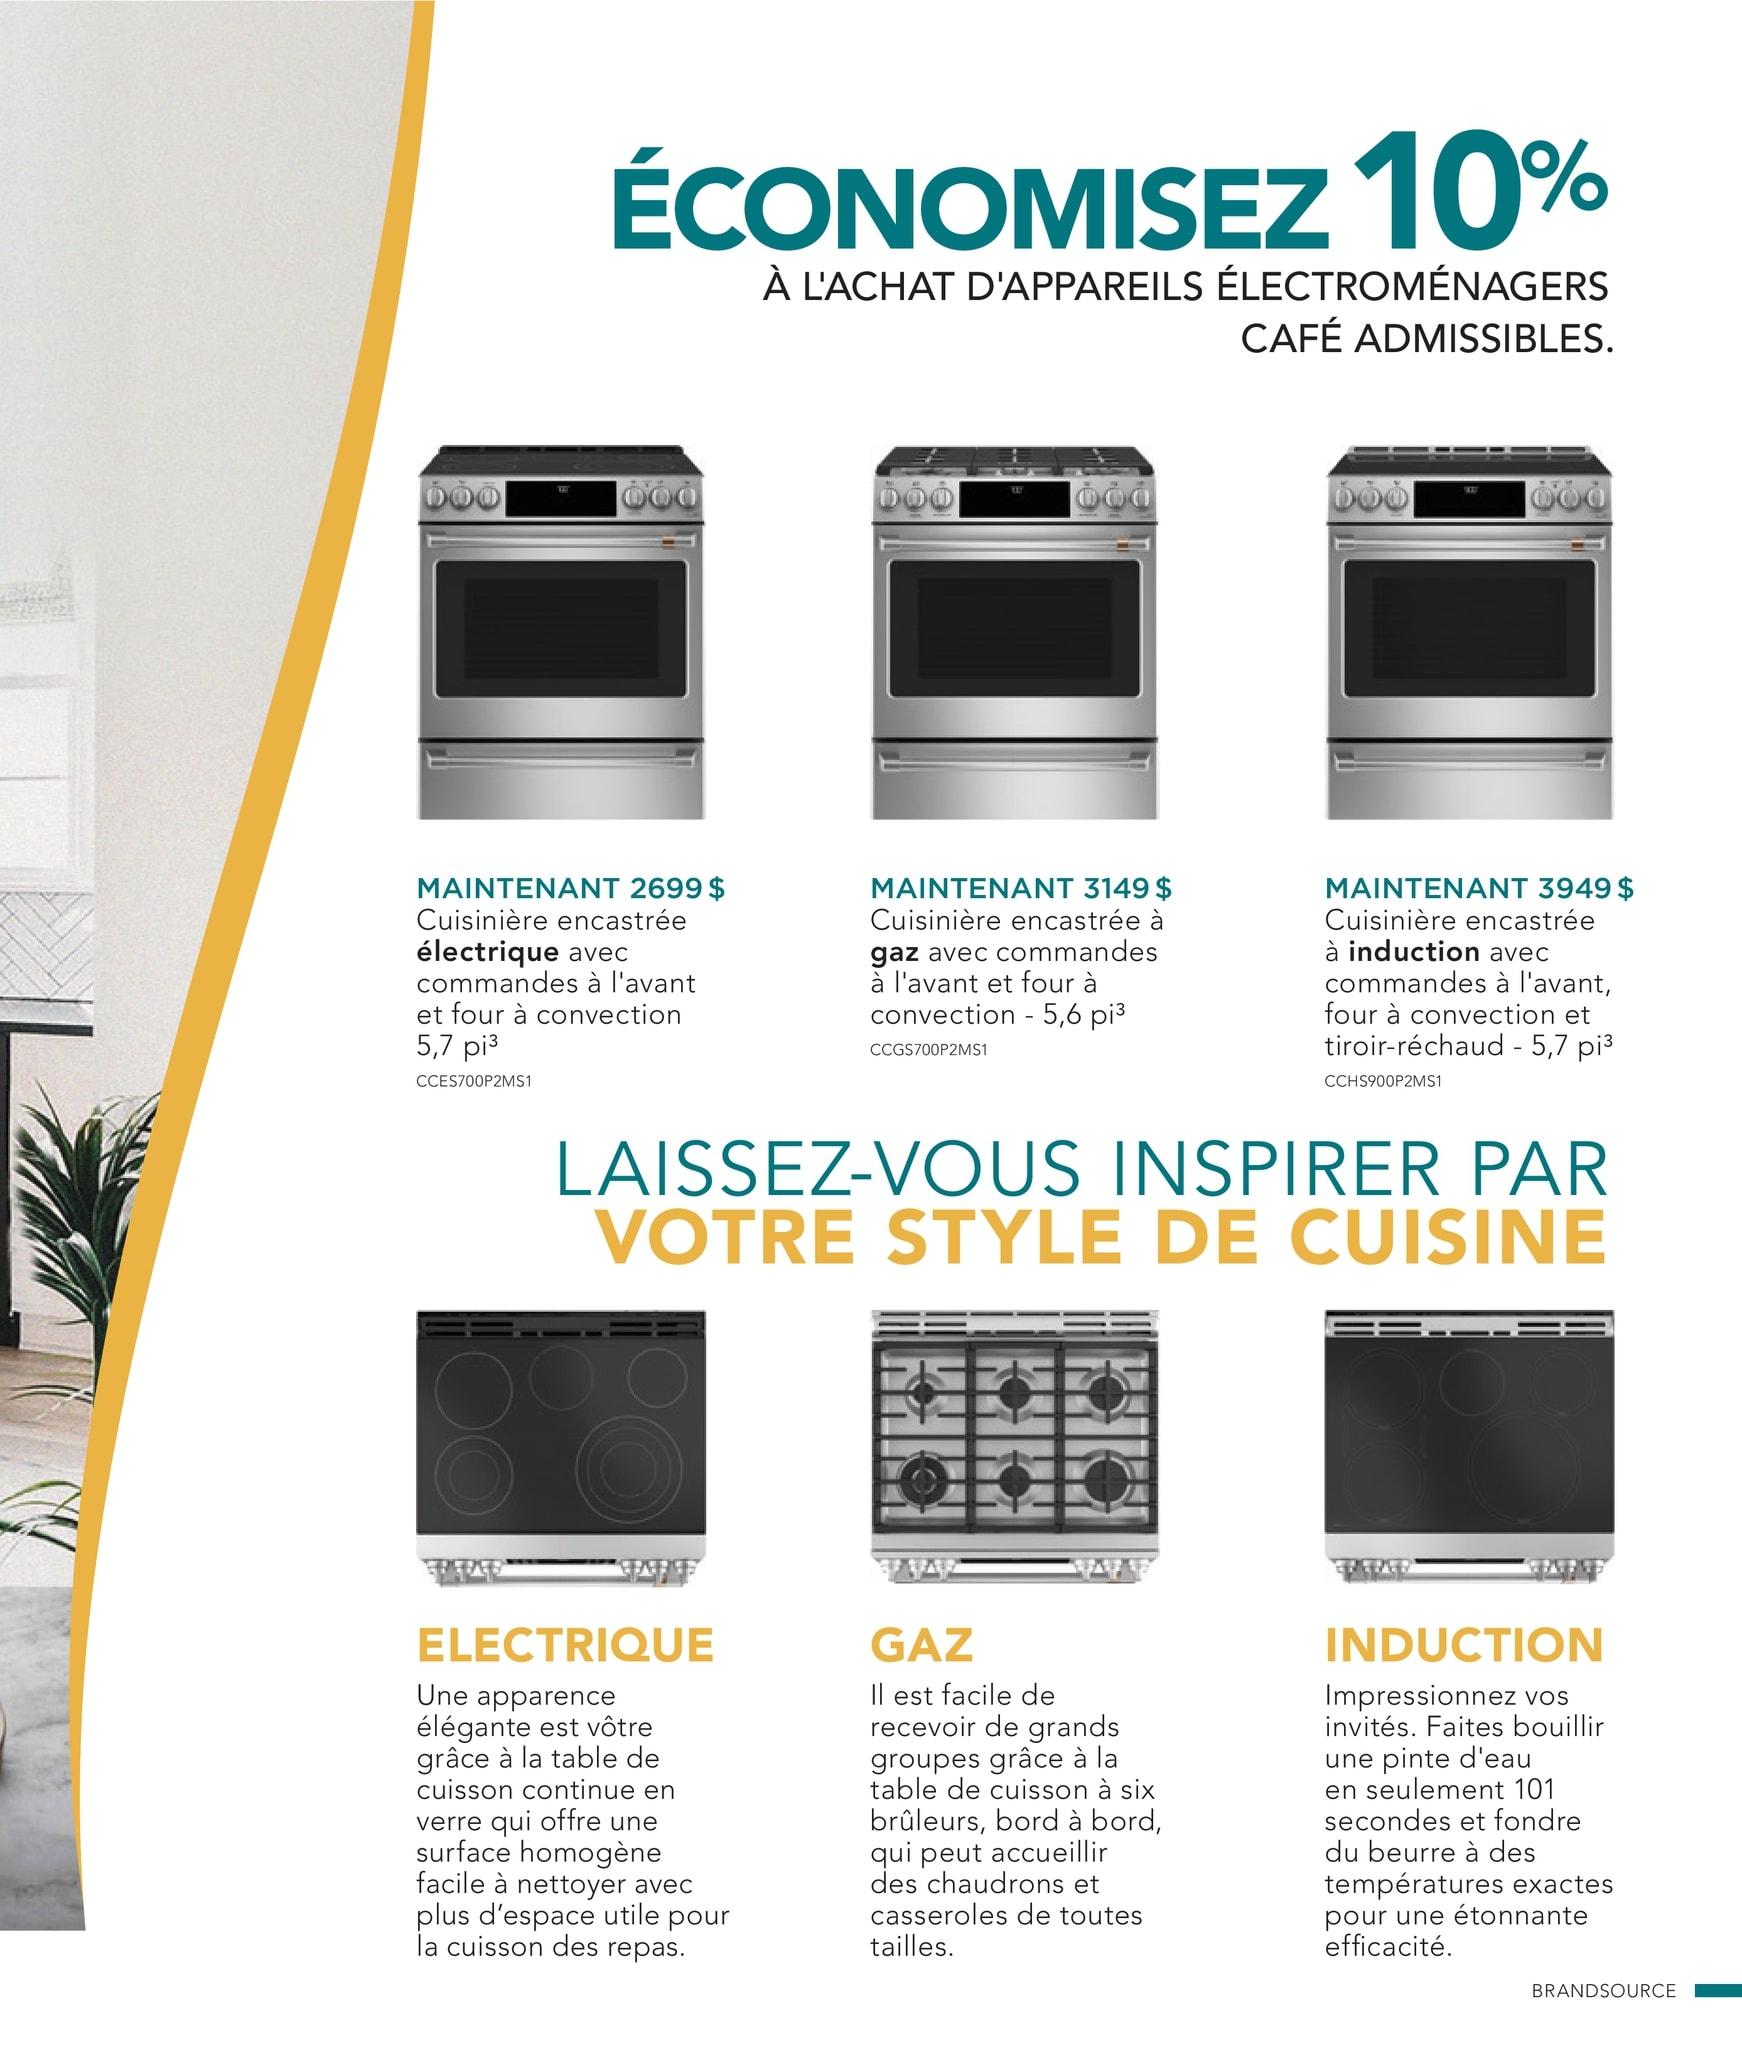 Circulaire Ameublement BrandSource Poulin du  1 au 18 octobre 2021 - Page 20